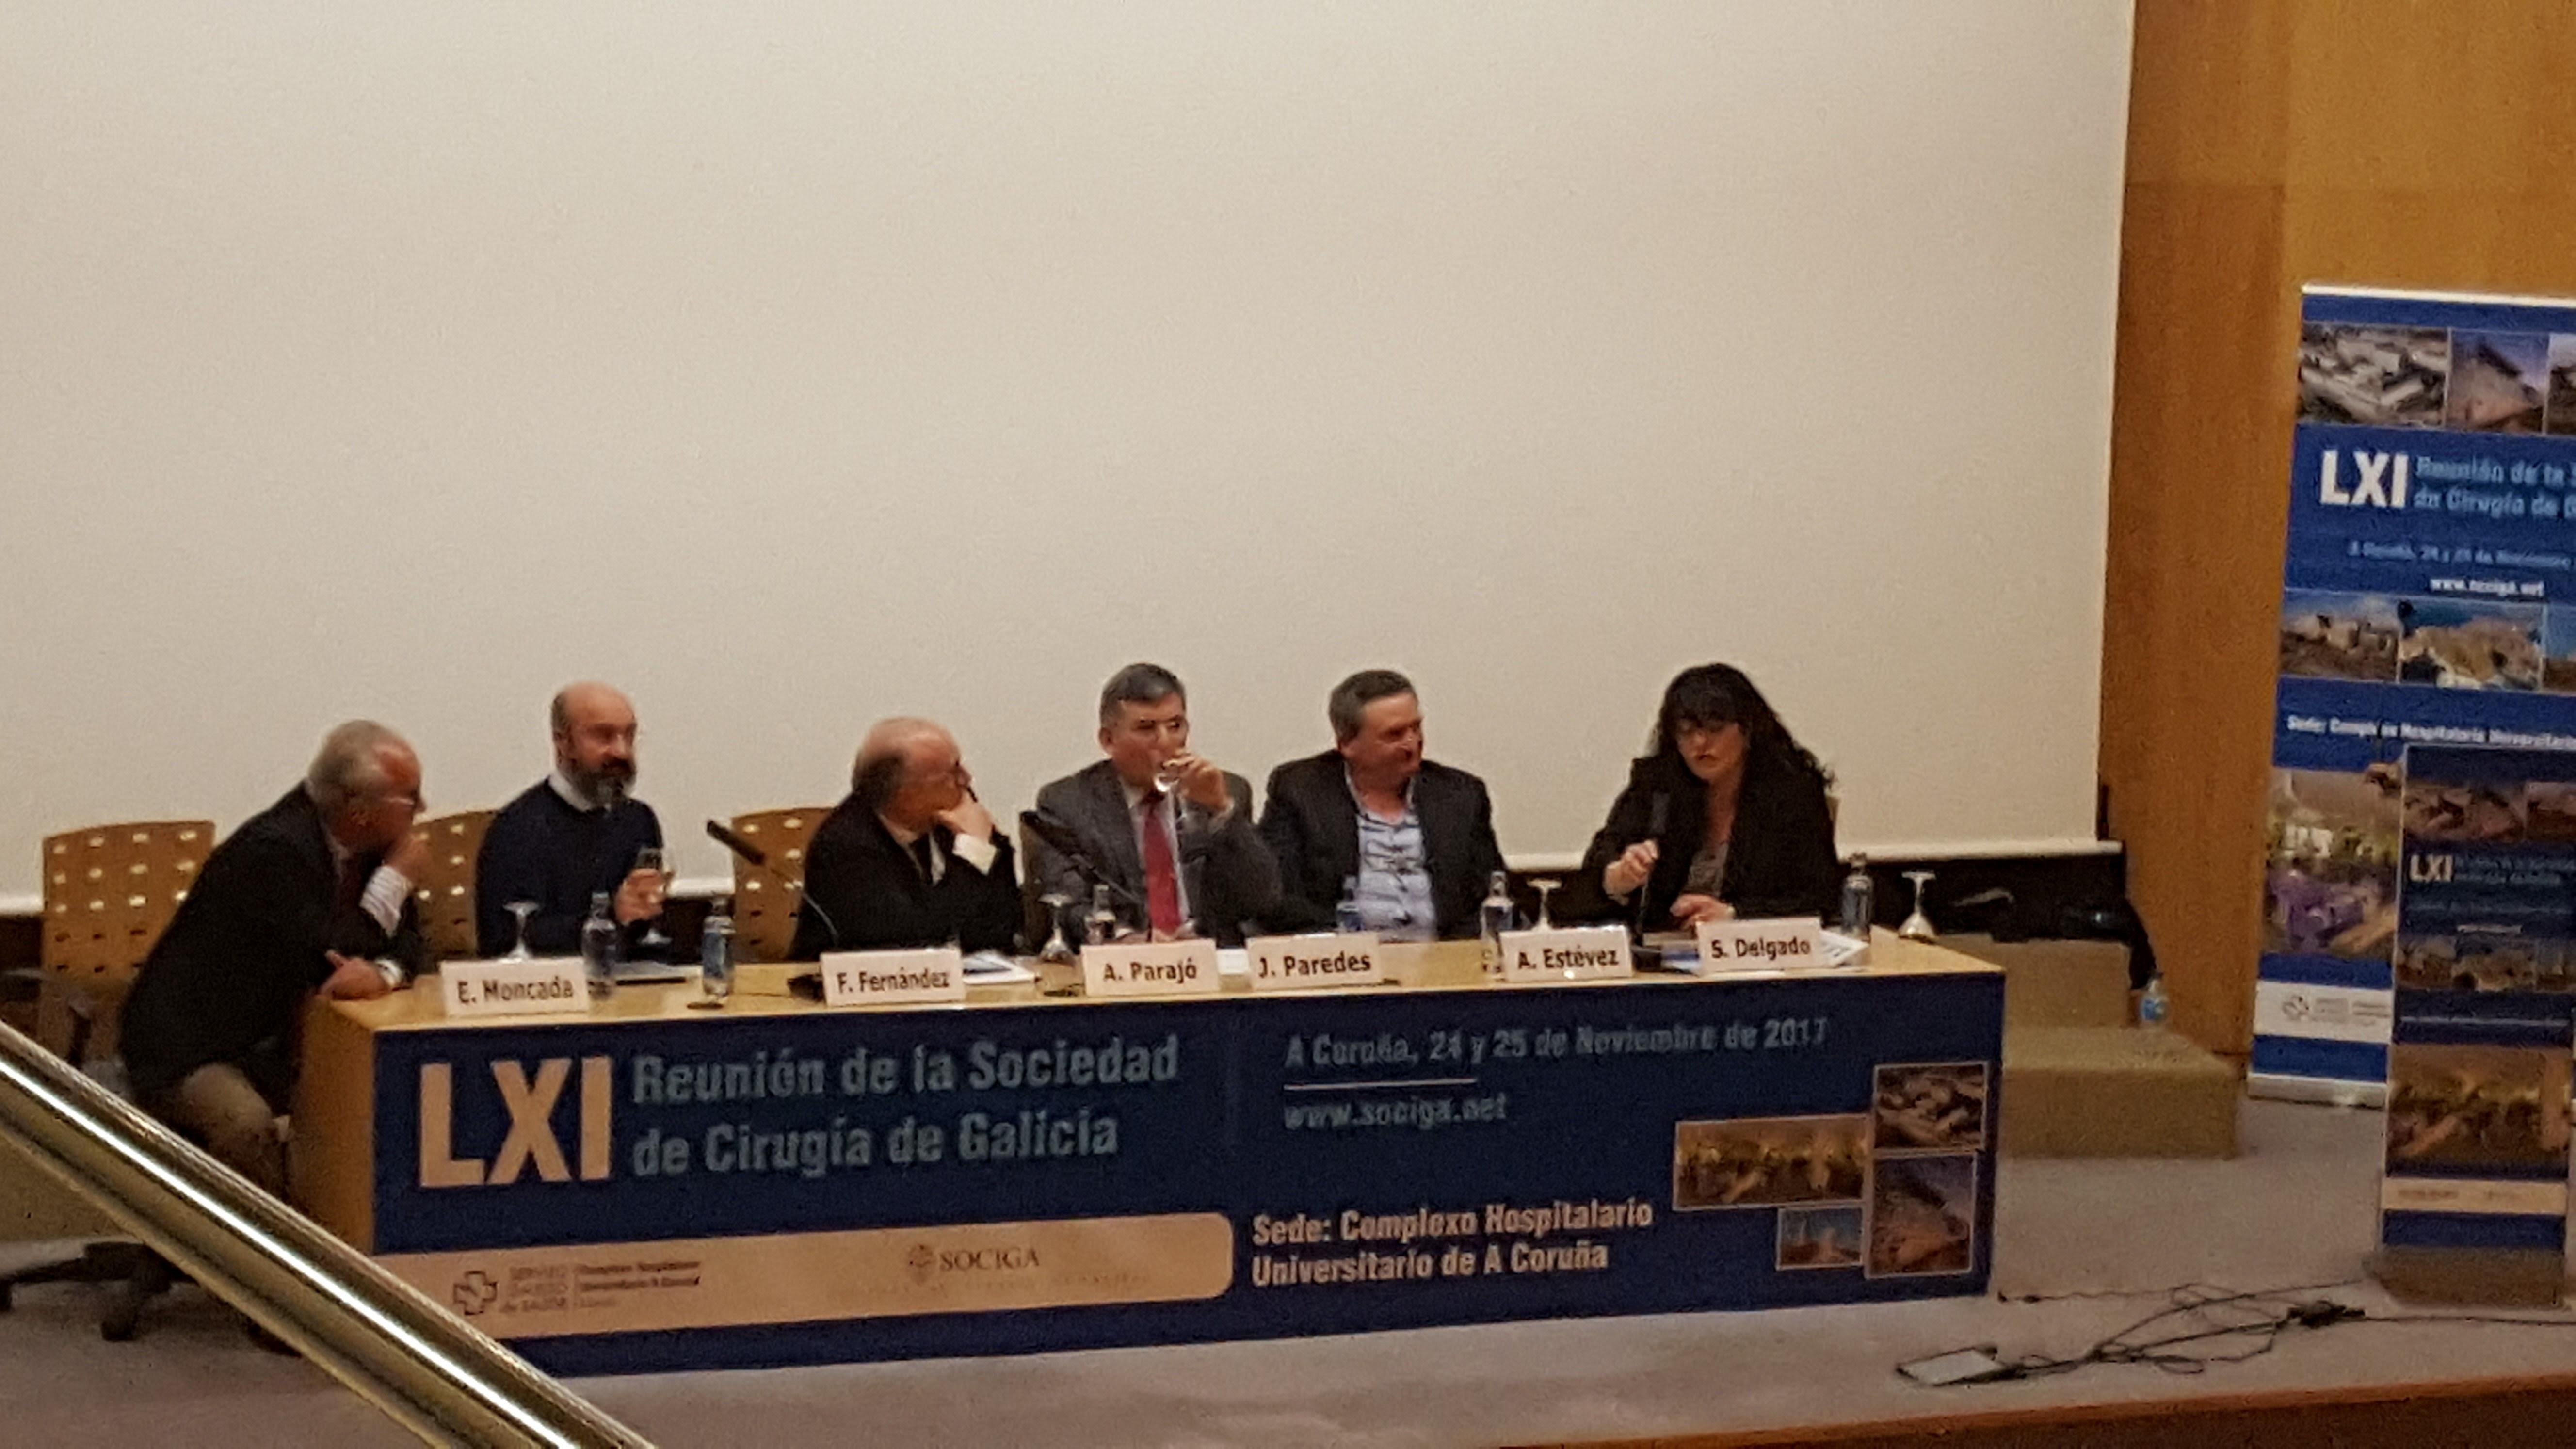 XLI Reunión Anual de la Sociedad de Cirugía de Galicia: A Coruña 2017